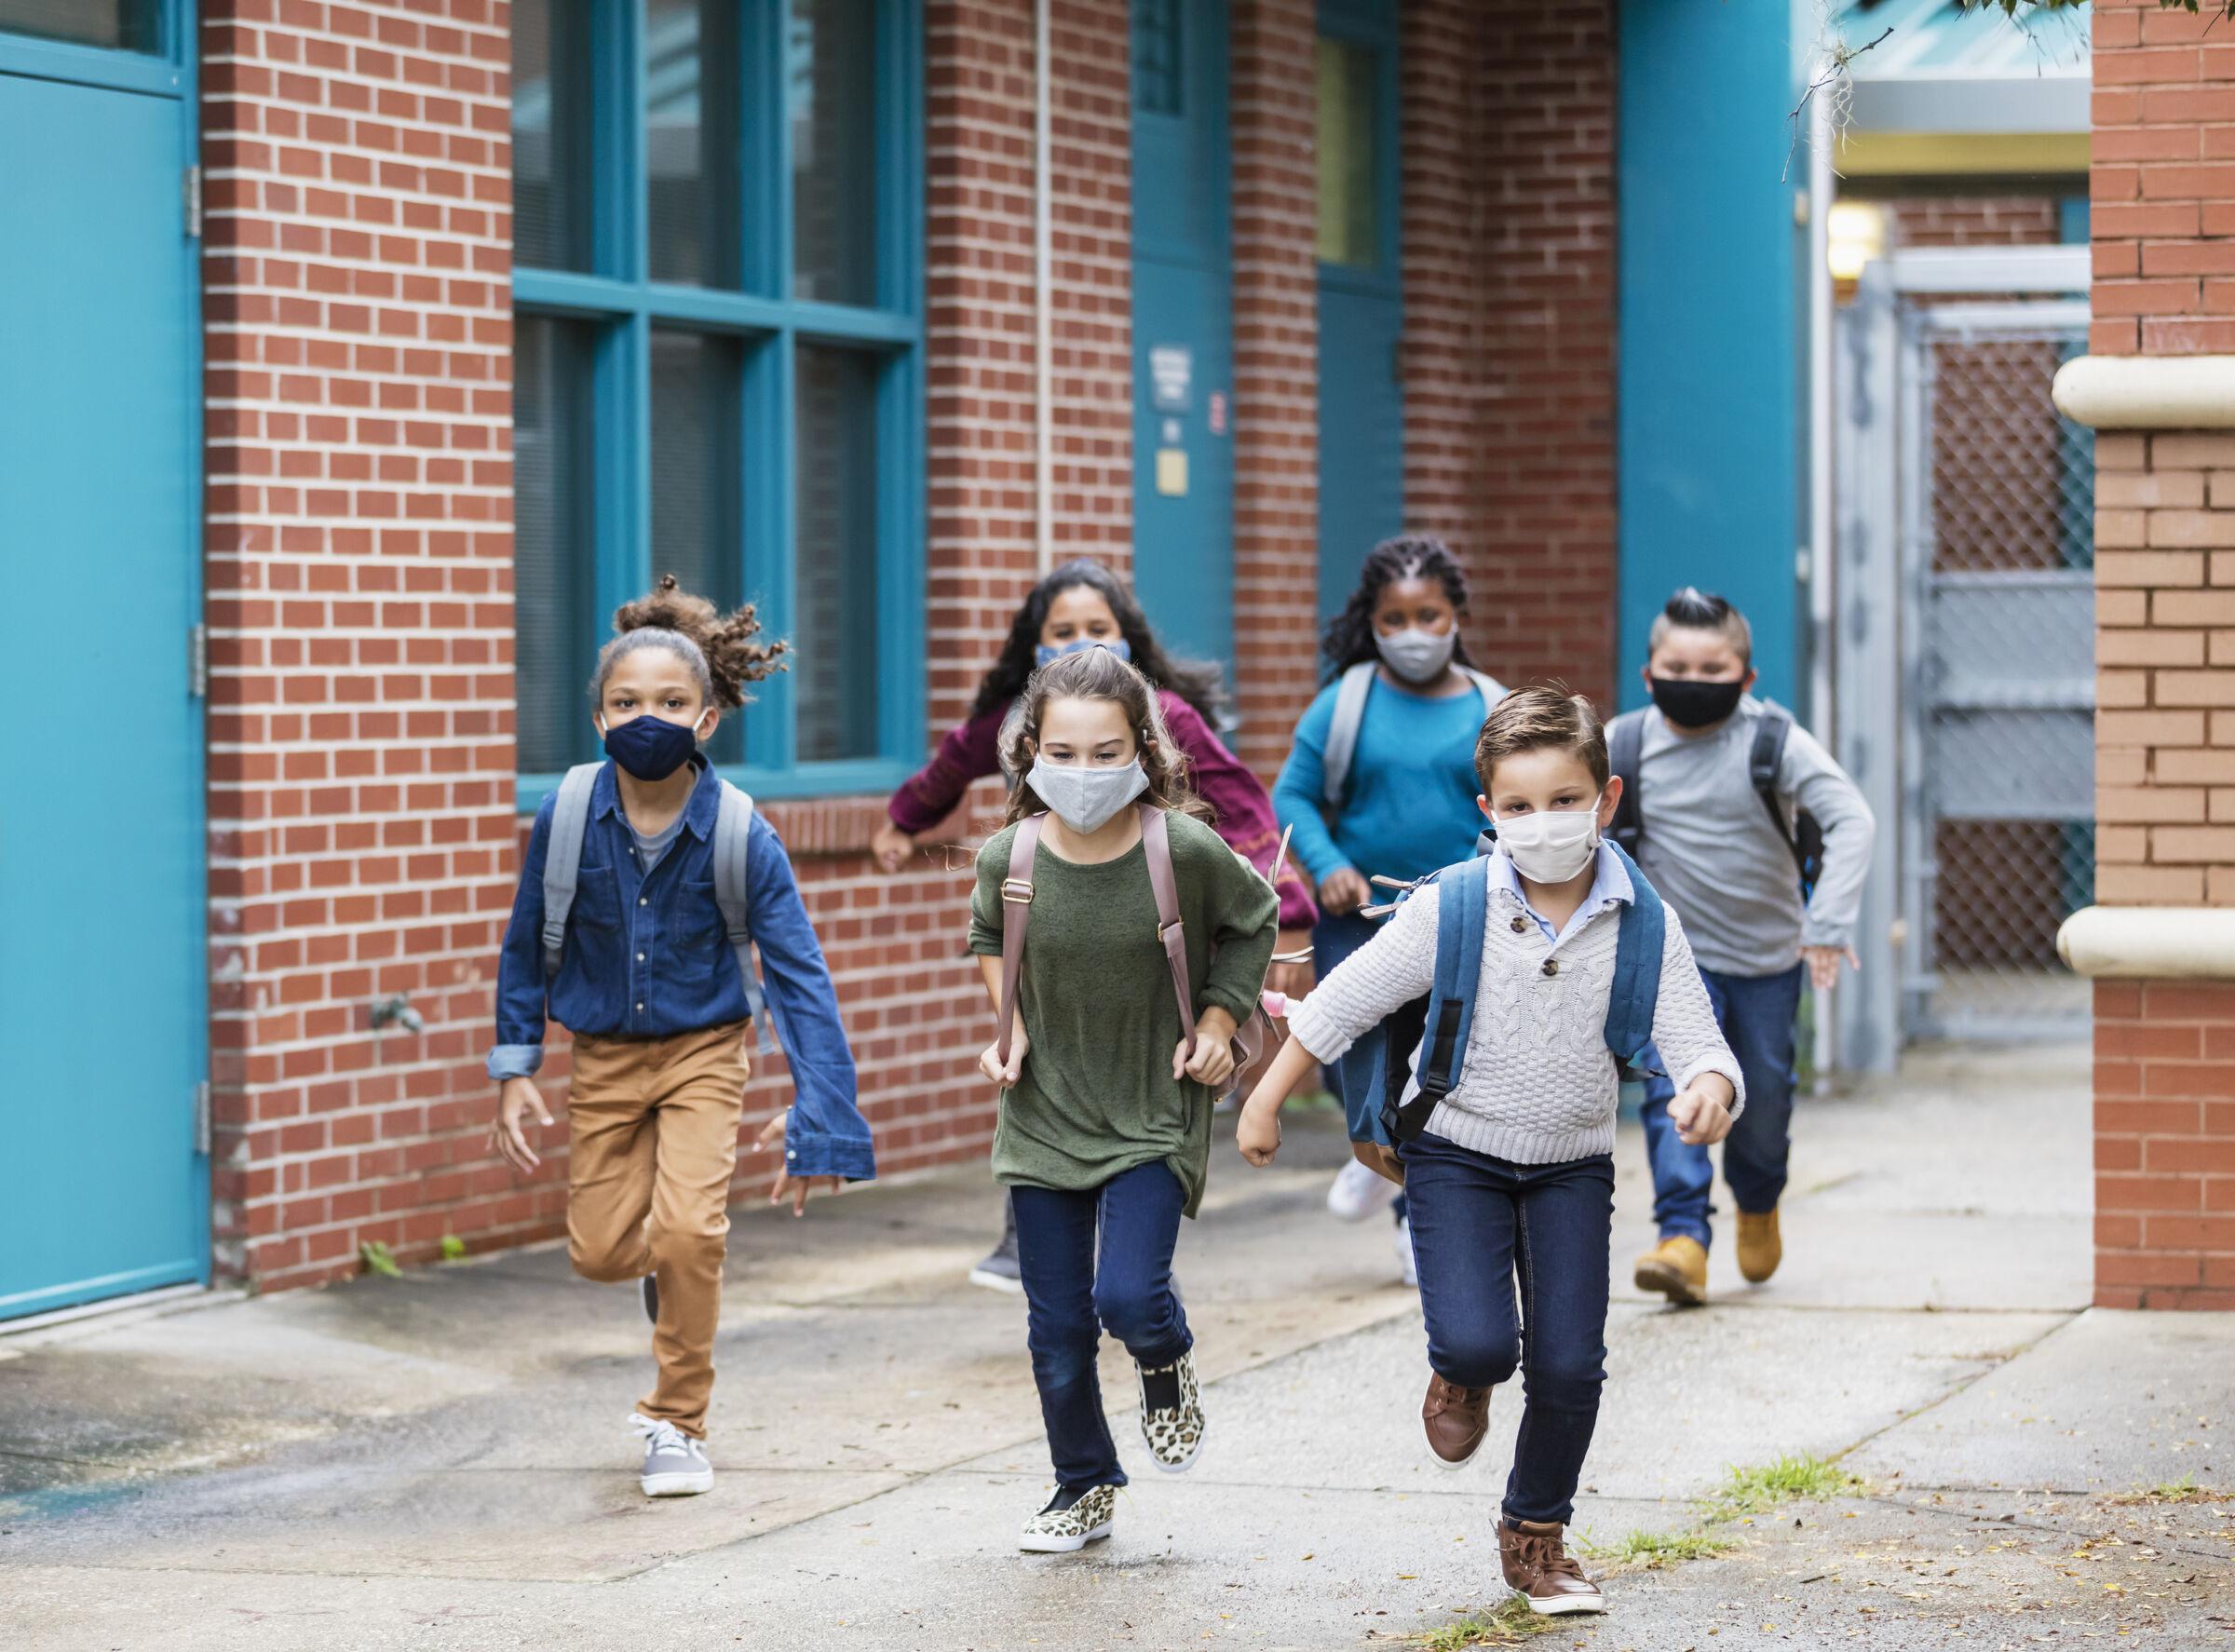 Crianças-correndo-para-escola